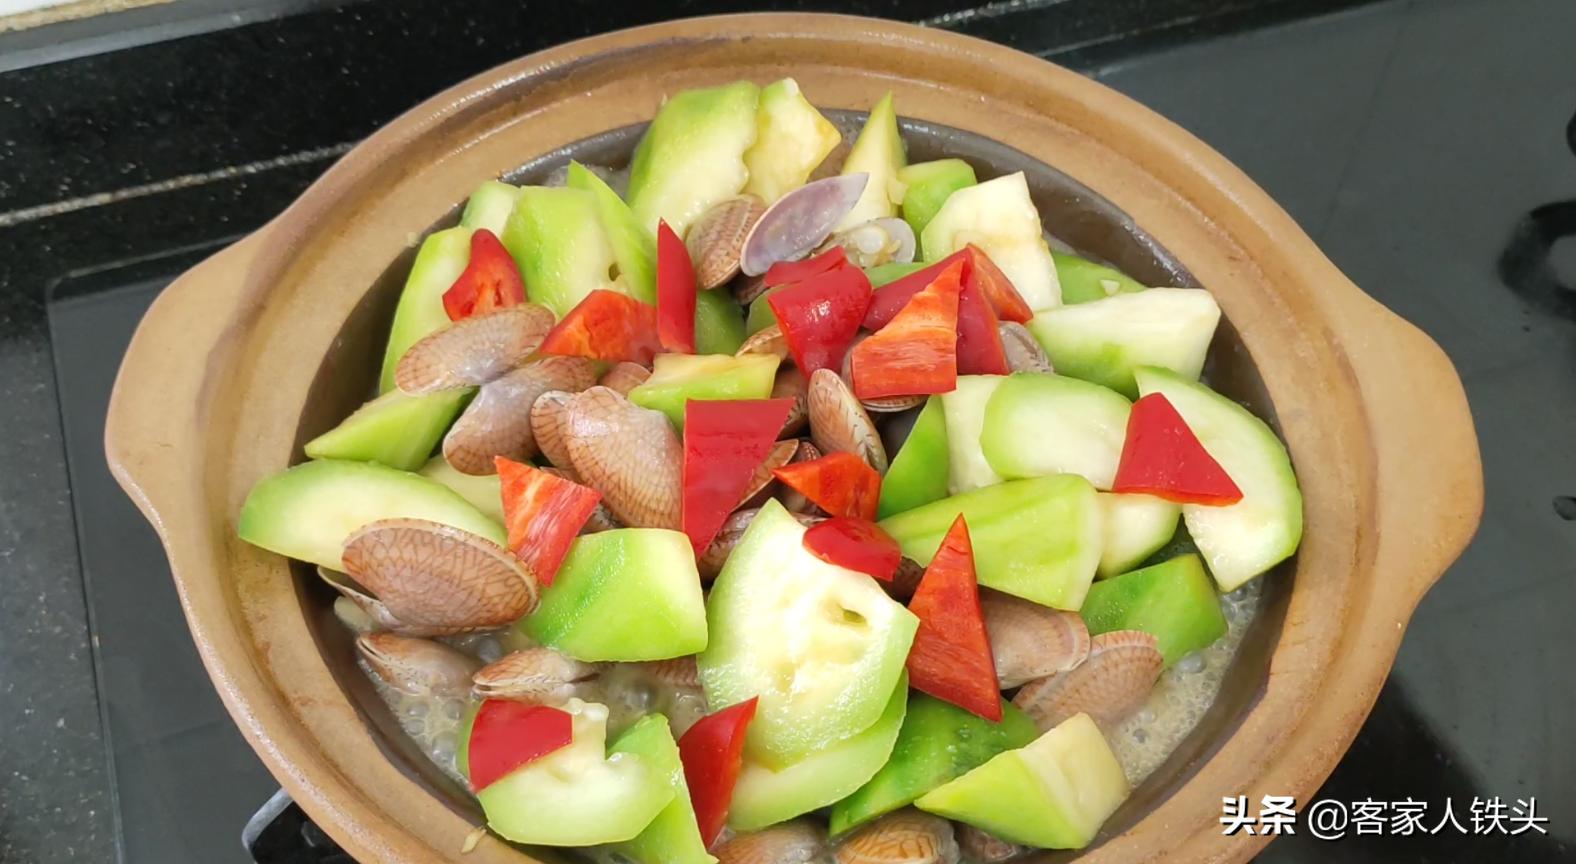 6月天热多给家人吃丝瓜,配上花甲做一锅,多汁味美,营养又下饭